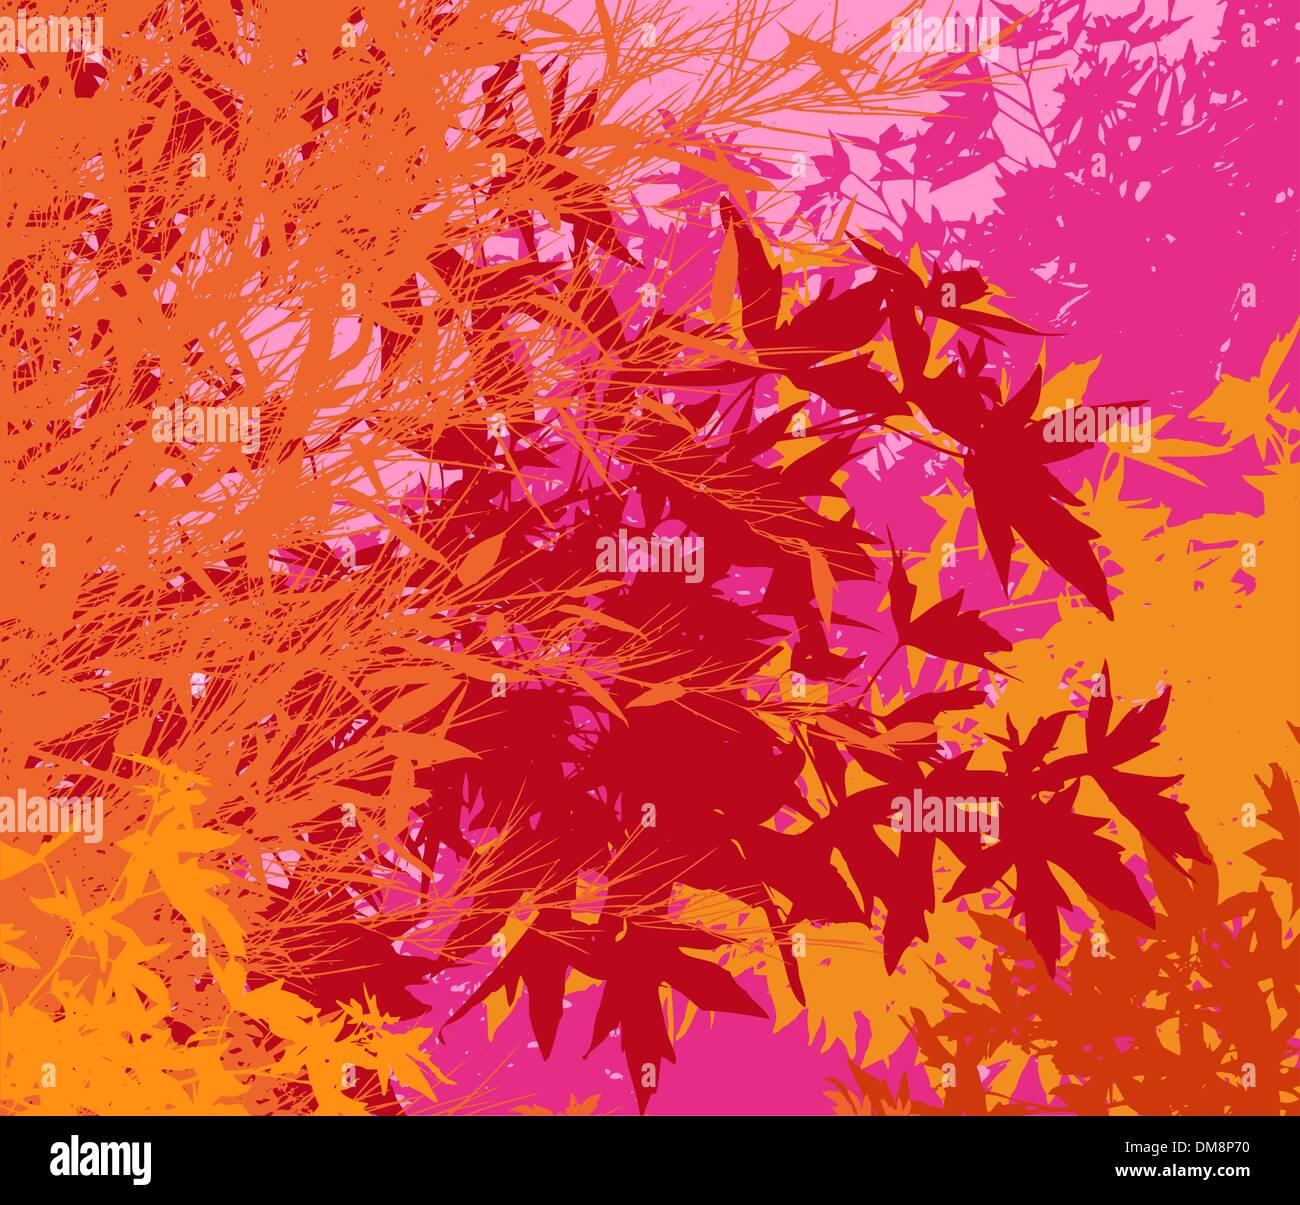 Paesaggio colorato di fogliame - Vettore illustrazione pop - La grafica differente sono su livelli separati in modo che possano essere facilmente Immagini Stock